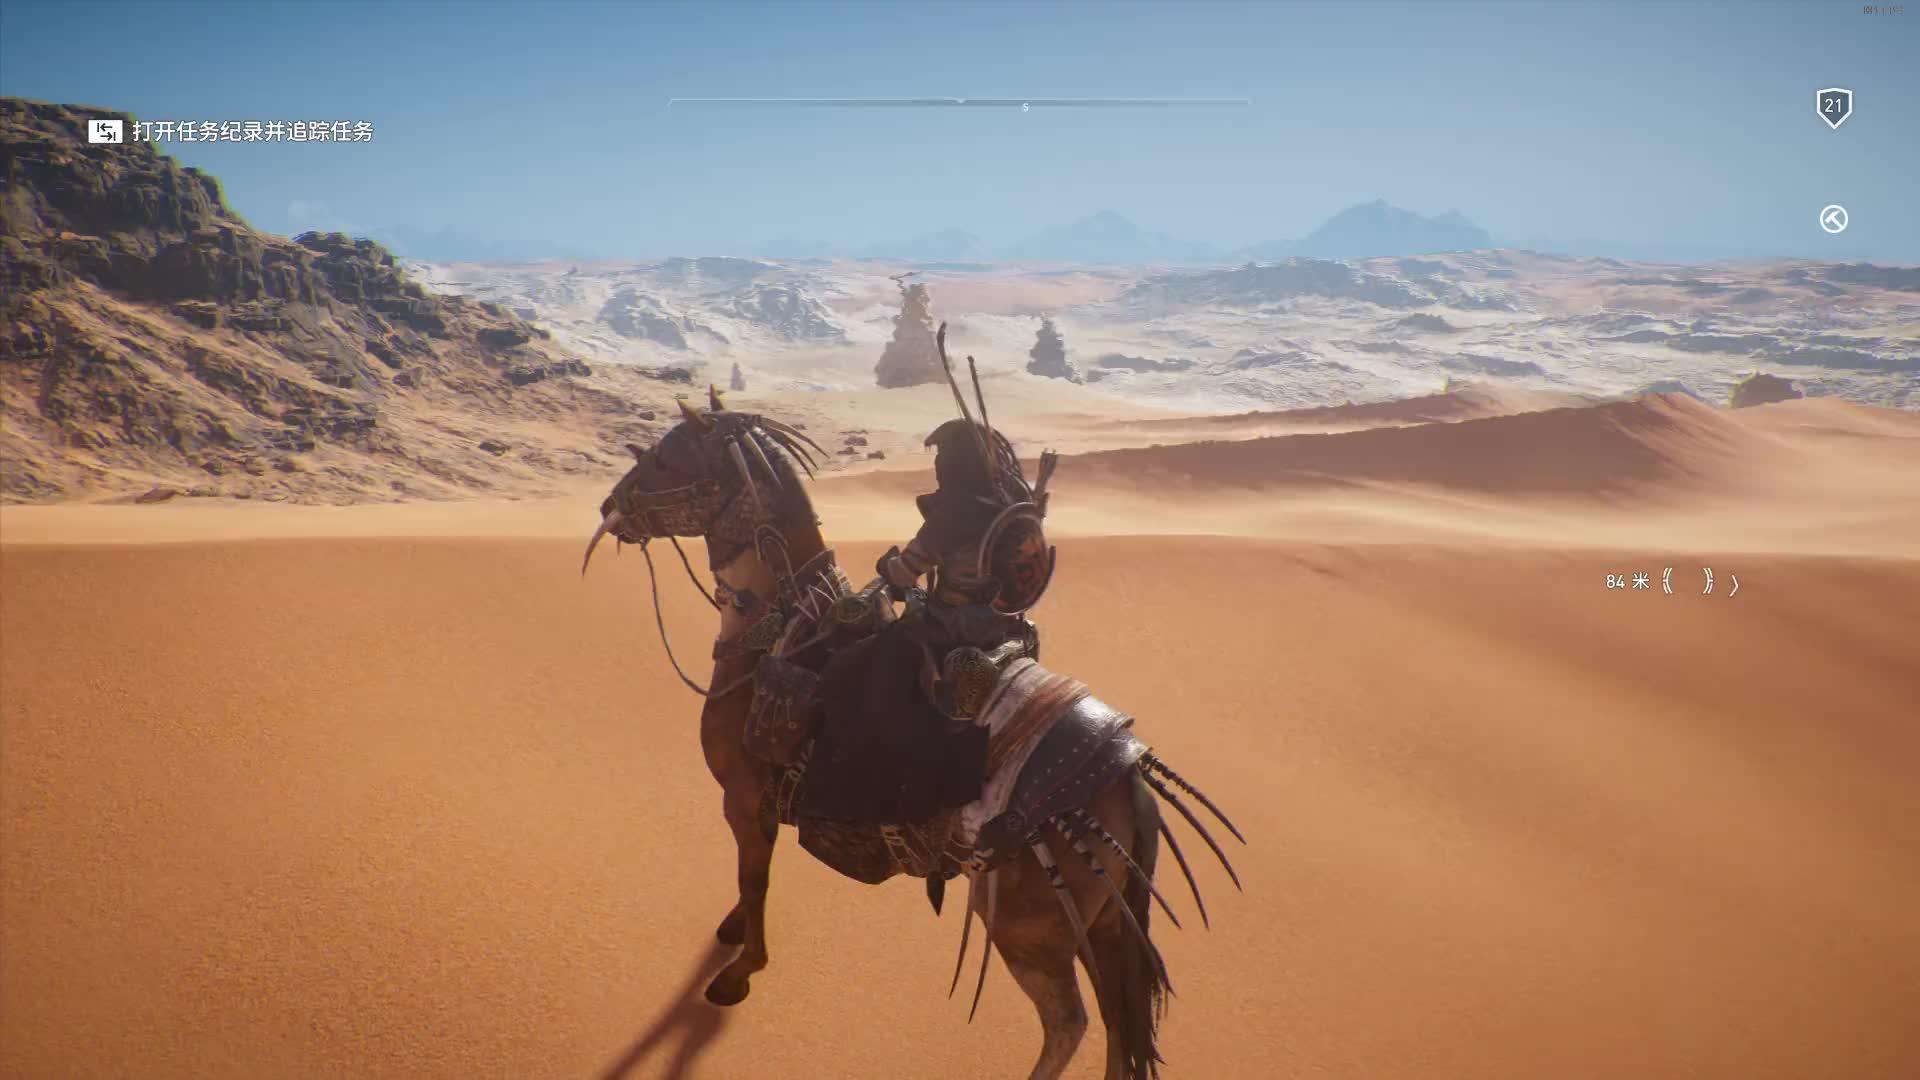 骆驼沙漠里的海市蜃楼-骆驼图片